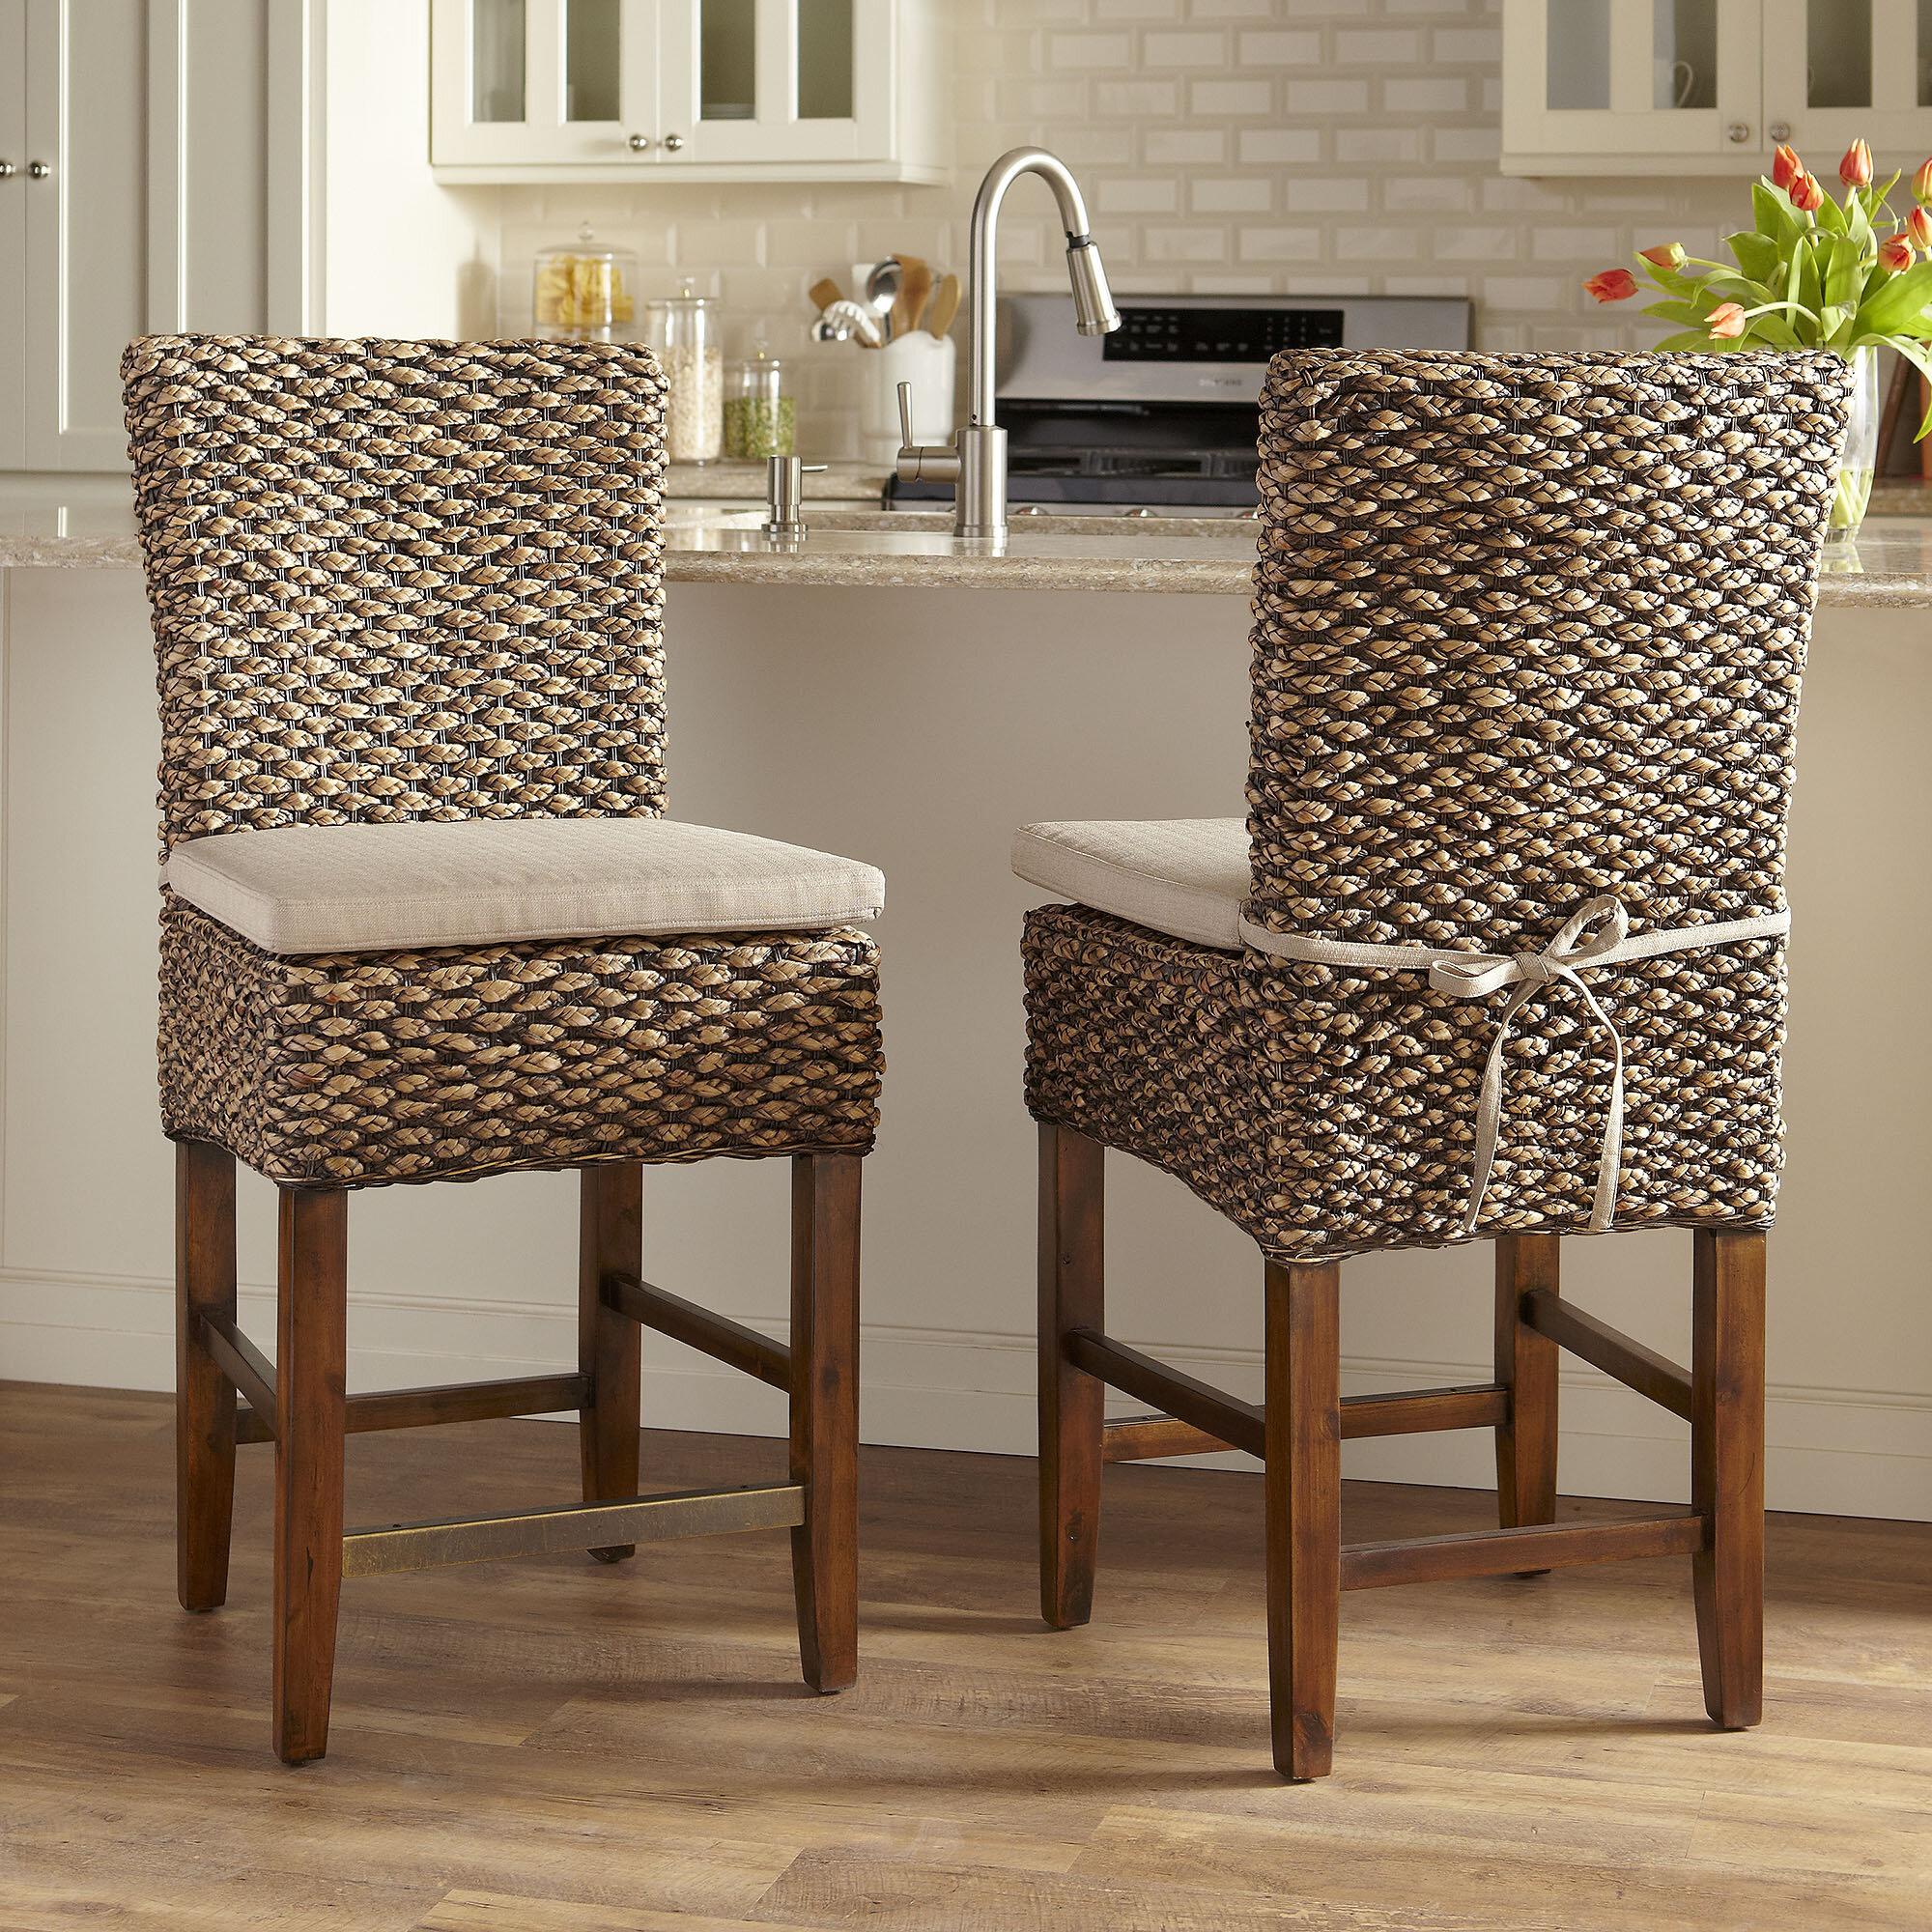 Birch lane 24 75 woven seagrass bar stool reviews wayfair